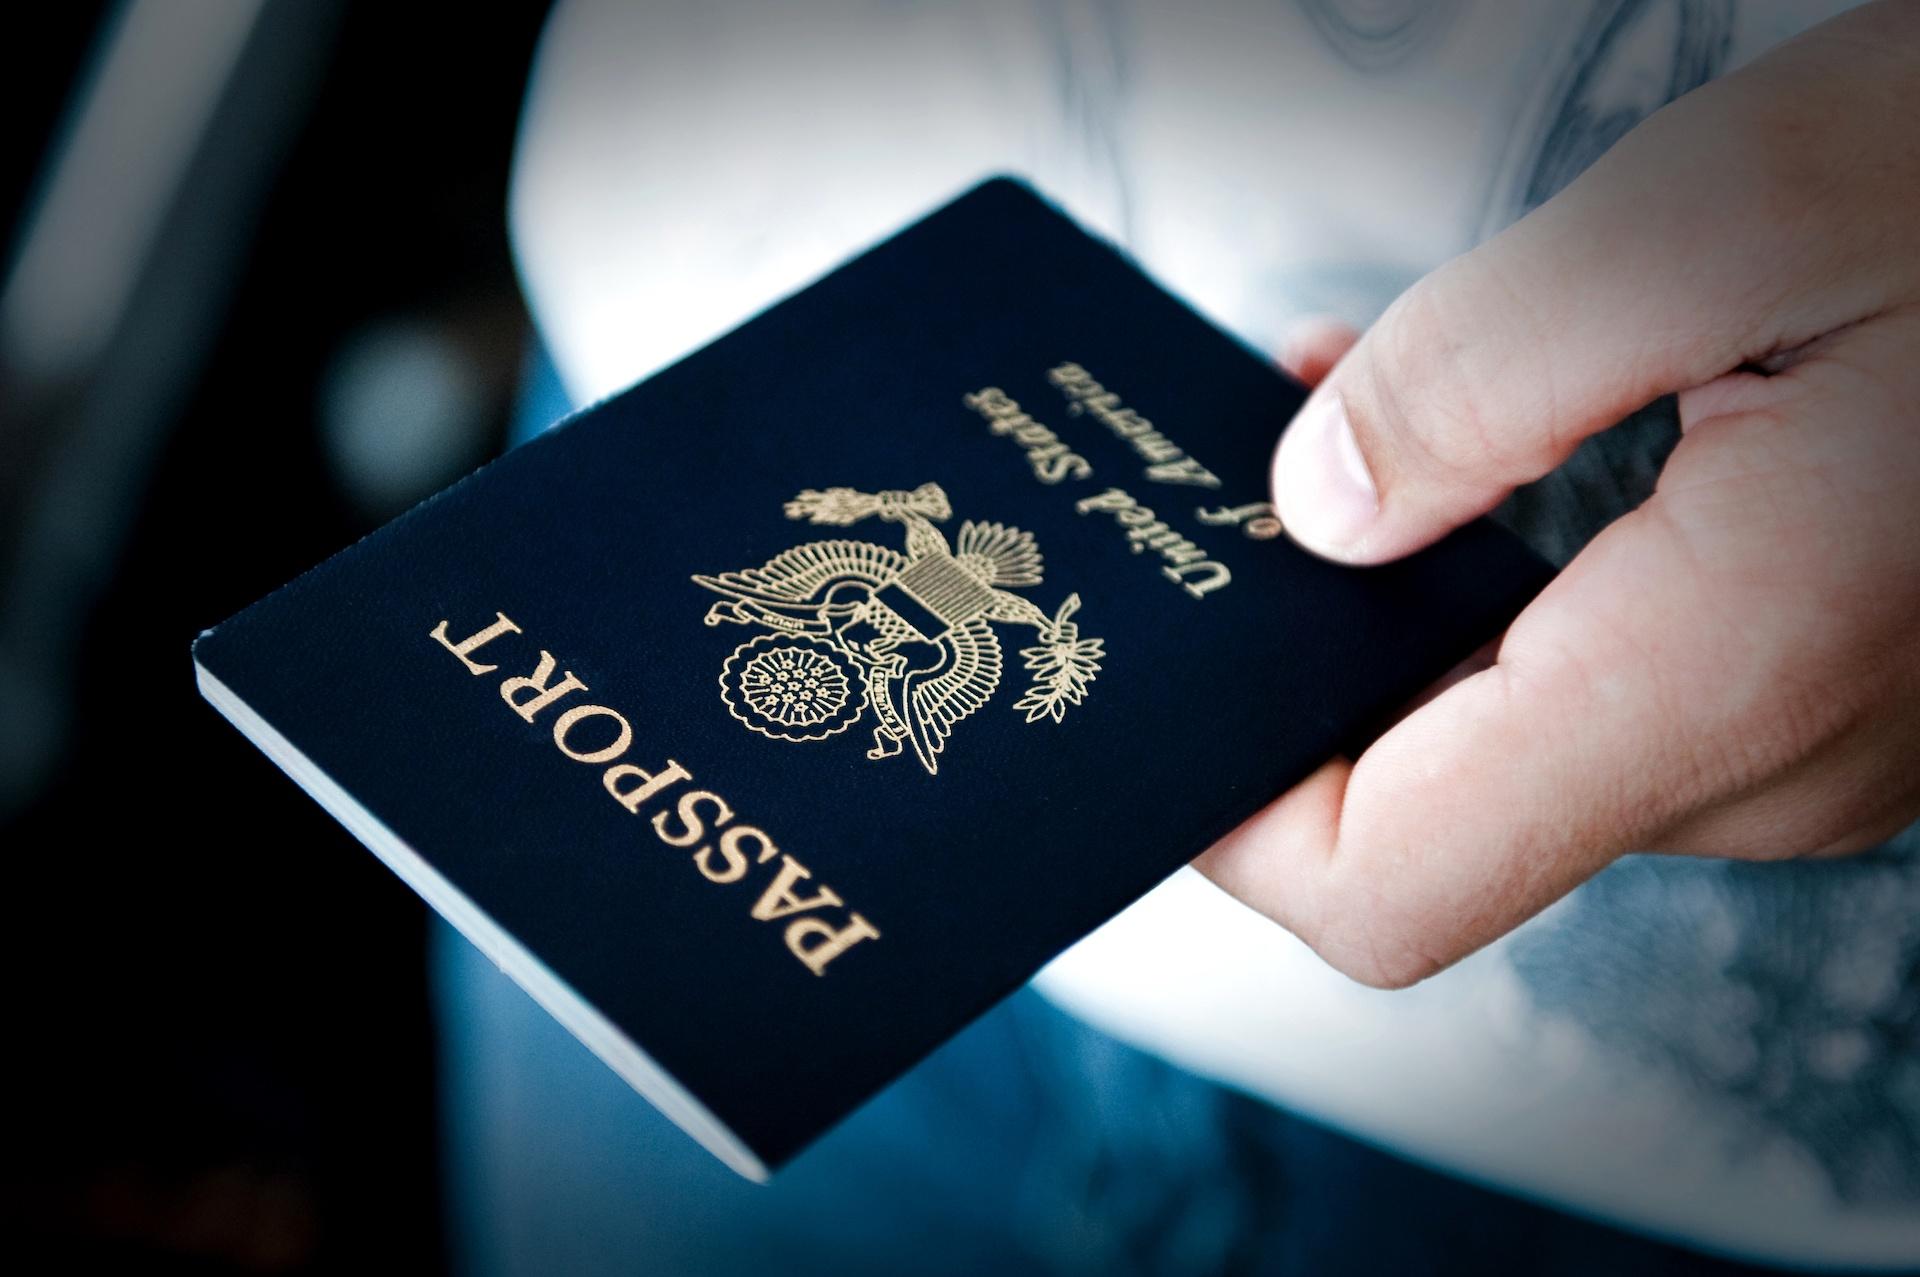 Los peores pasaportes del mundo en 2020